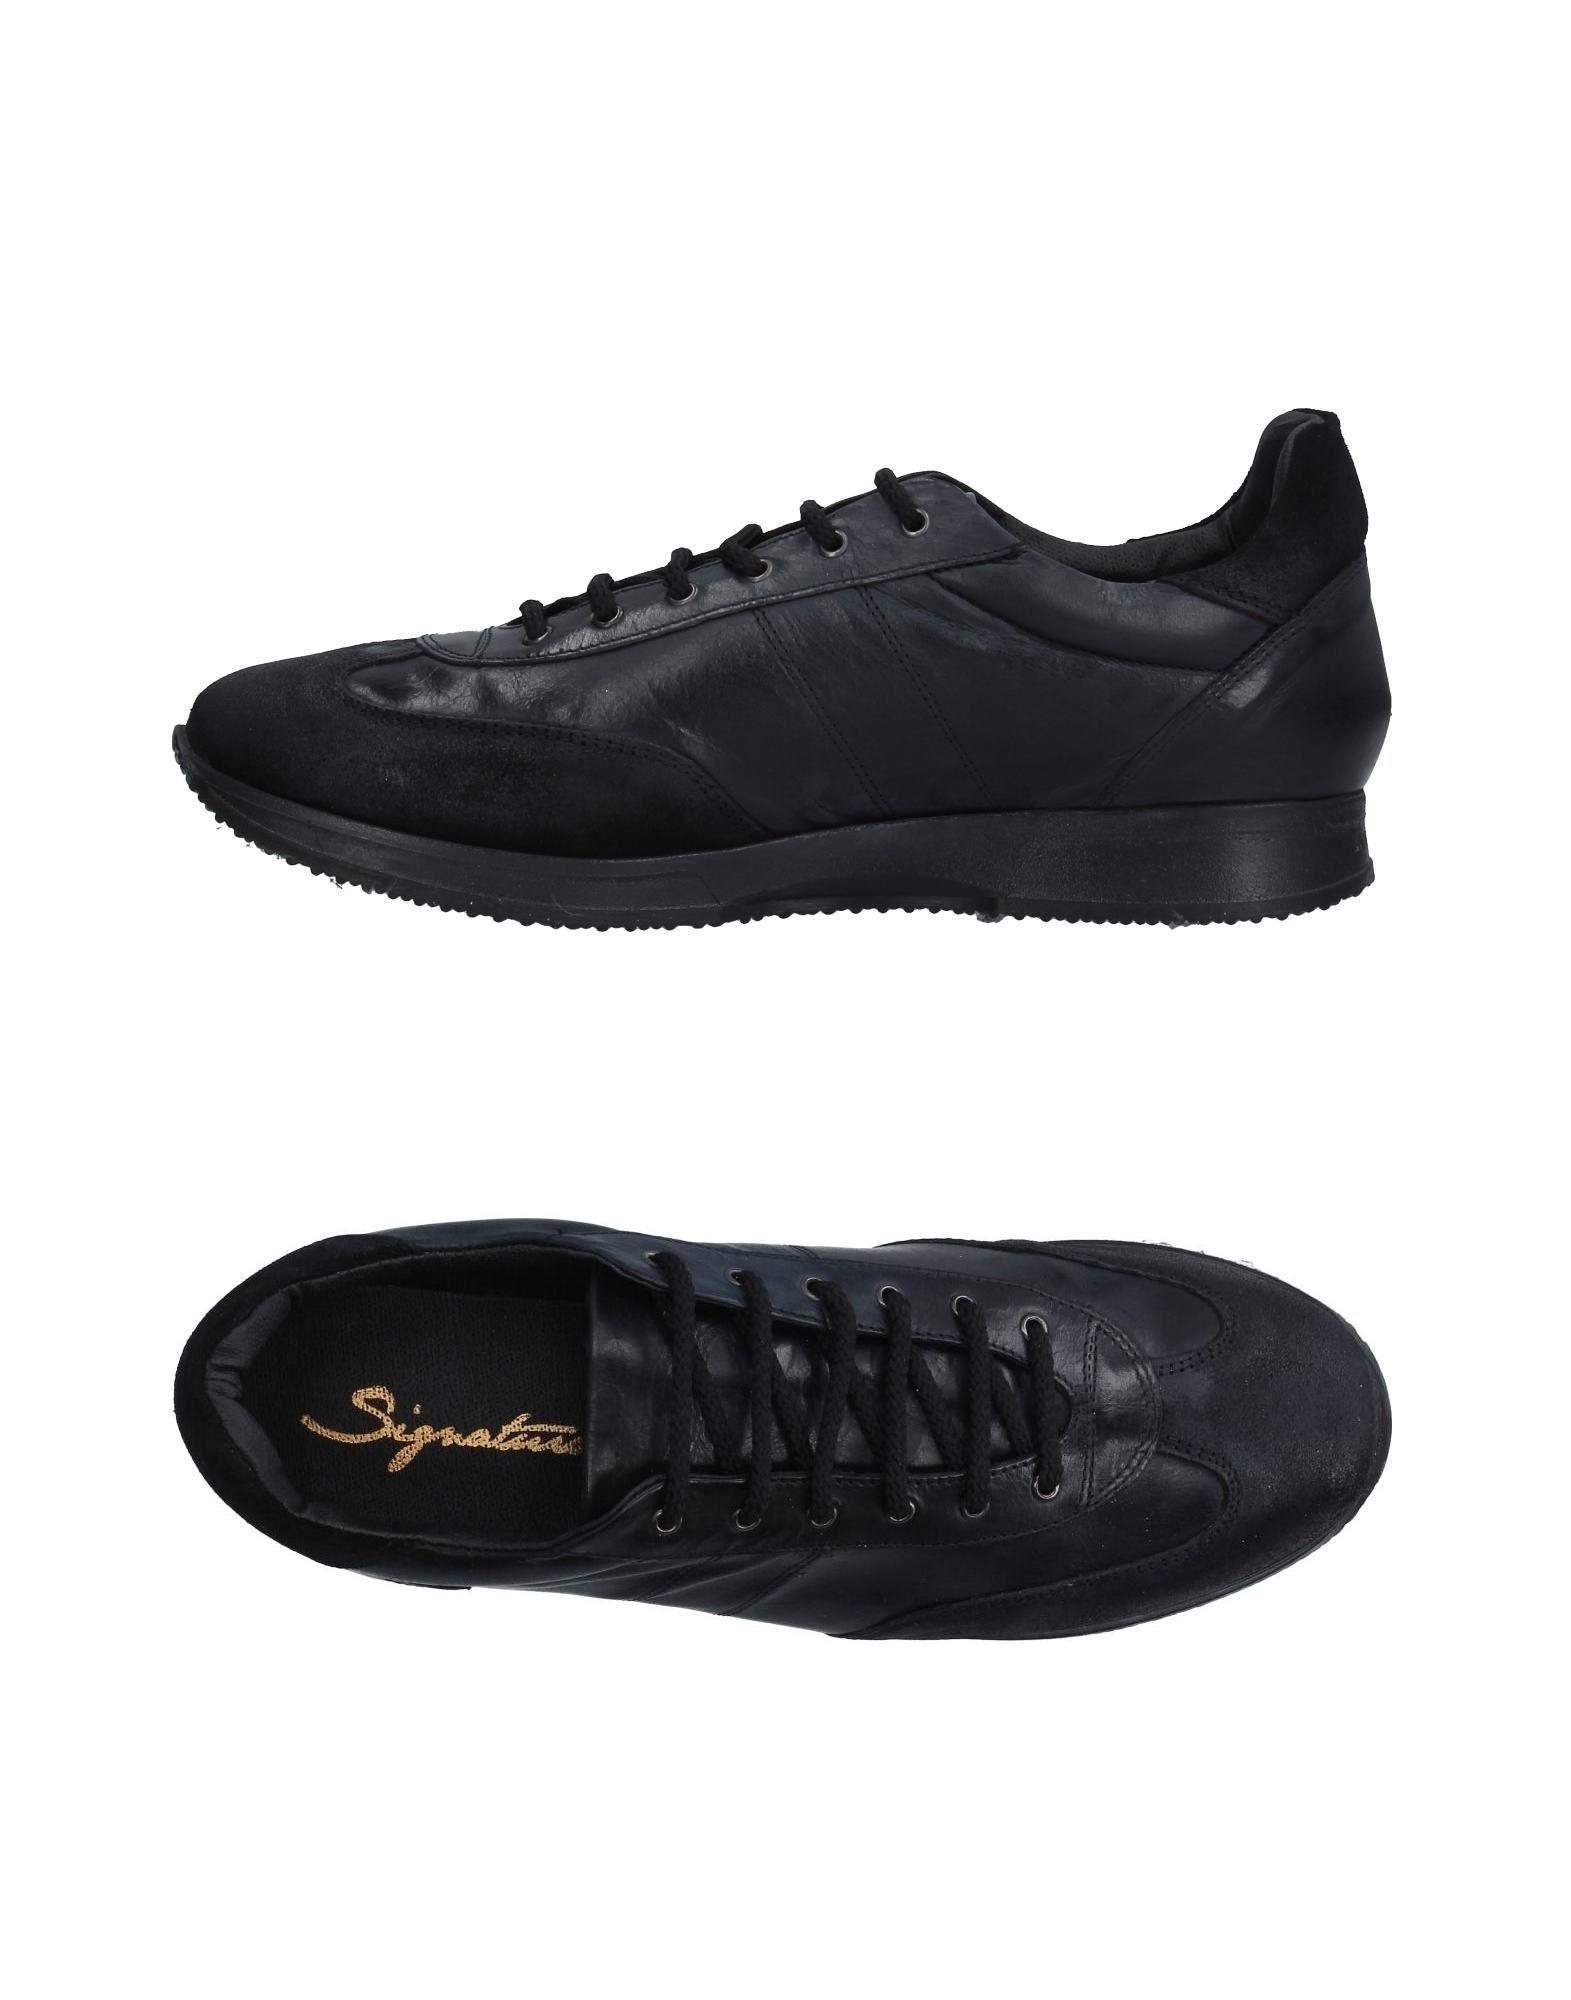 Scarpe economiche e resistenti Sneakers Signatura  Uomo - 11227681AB